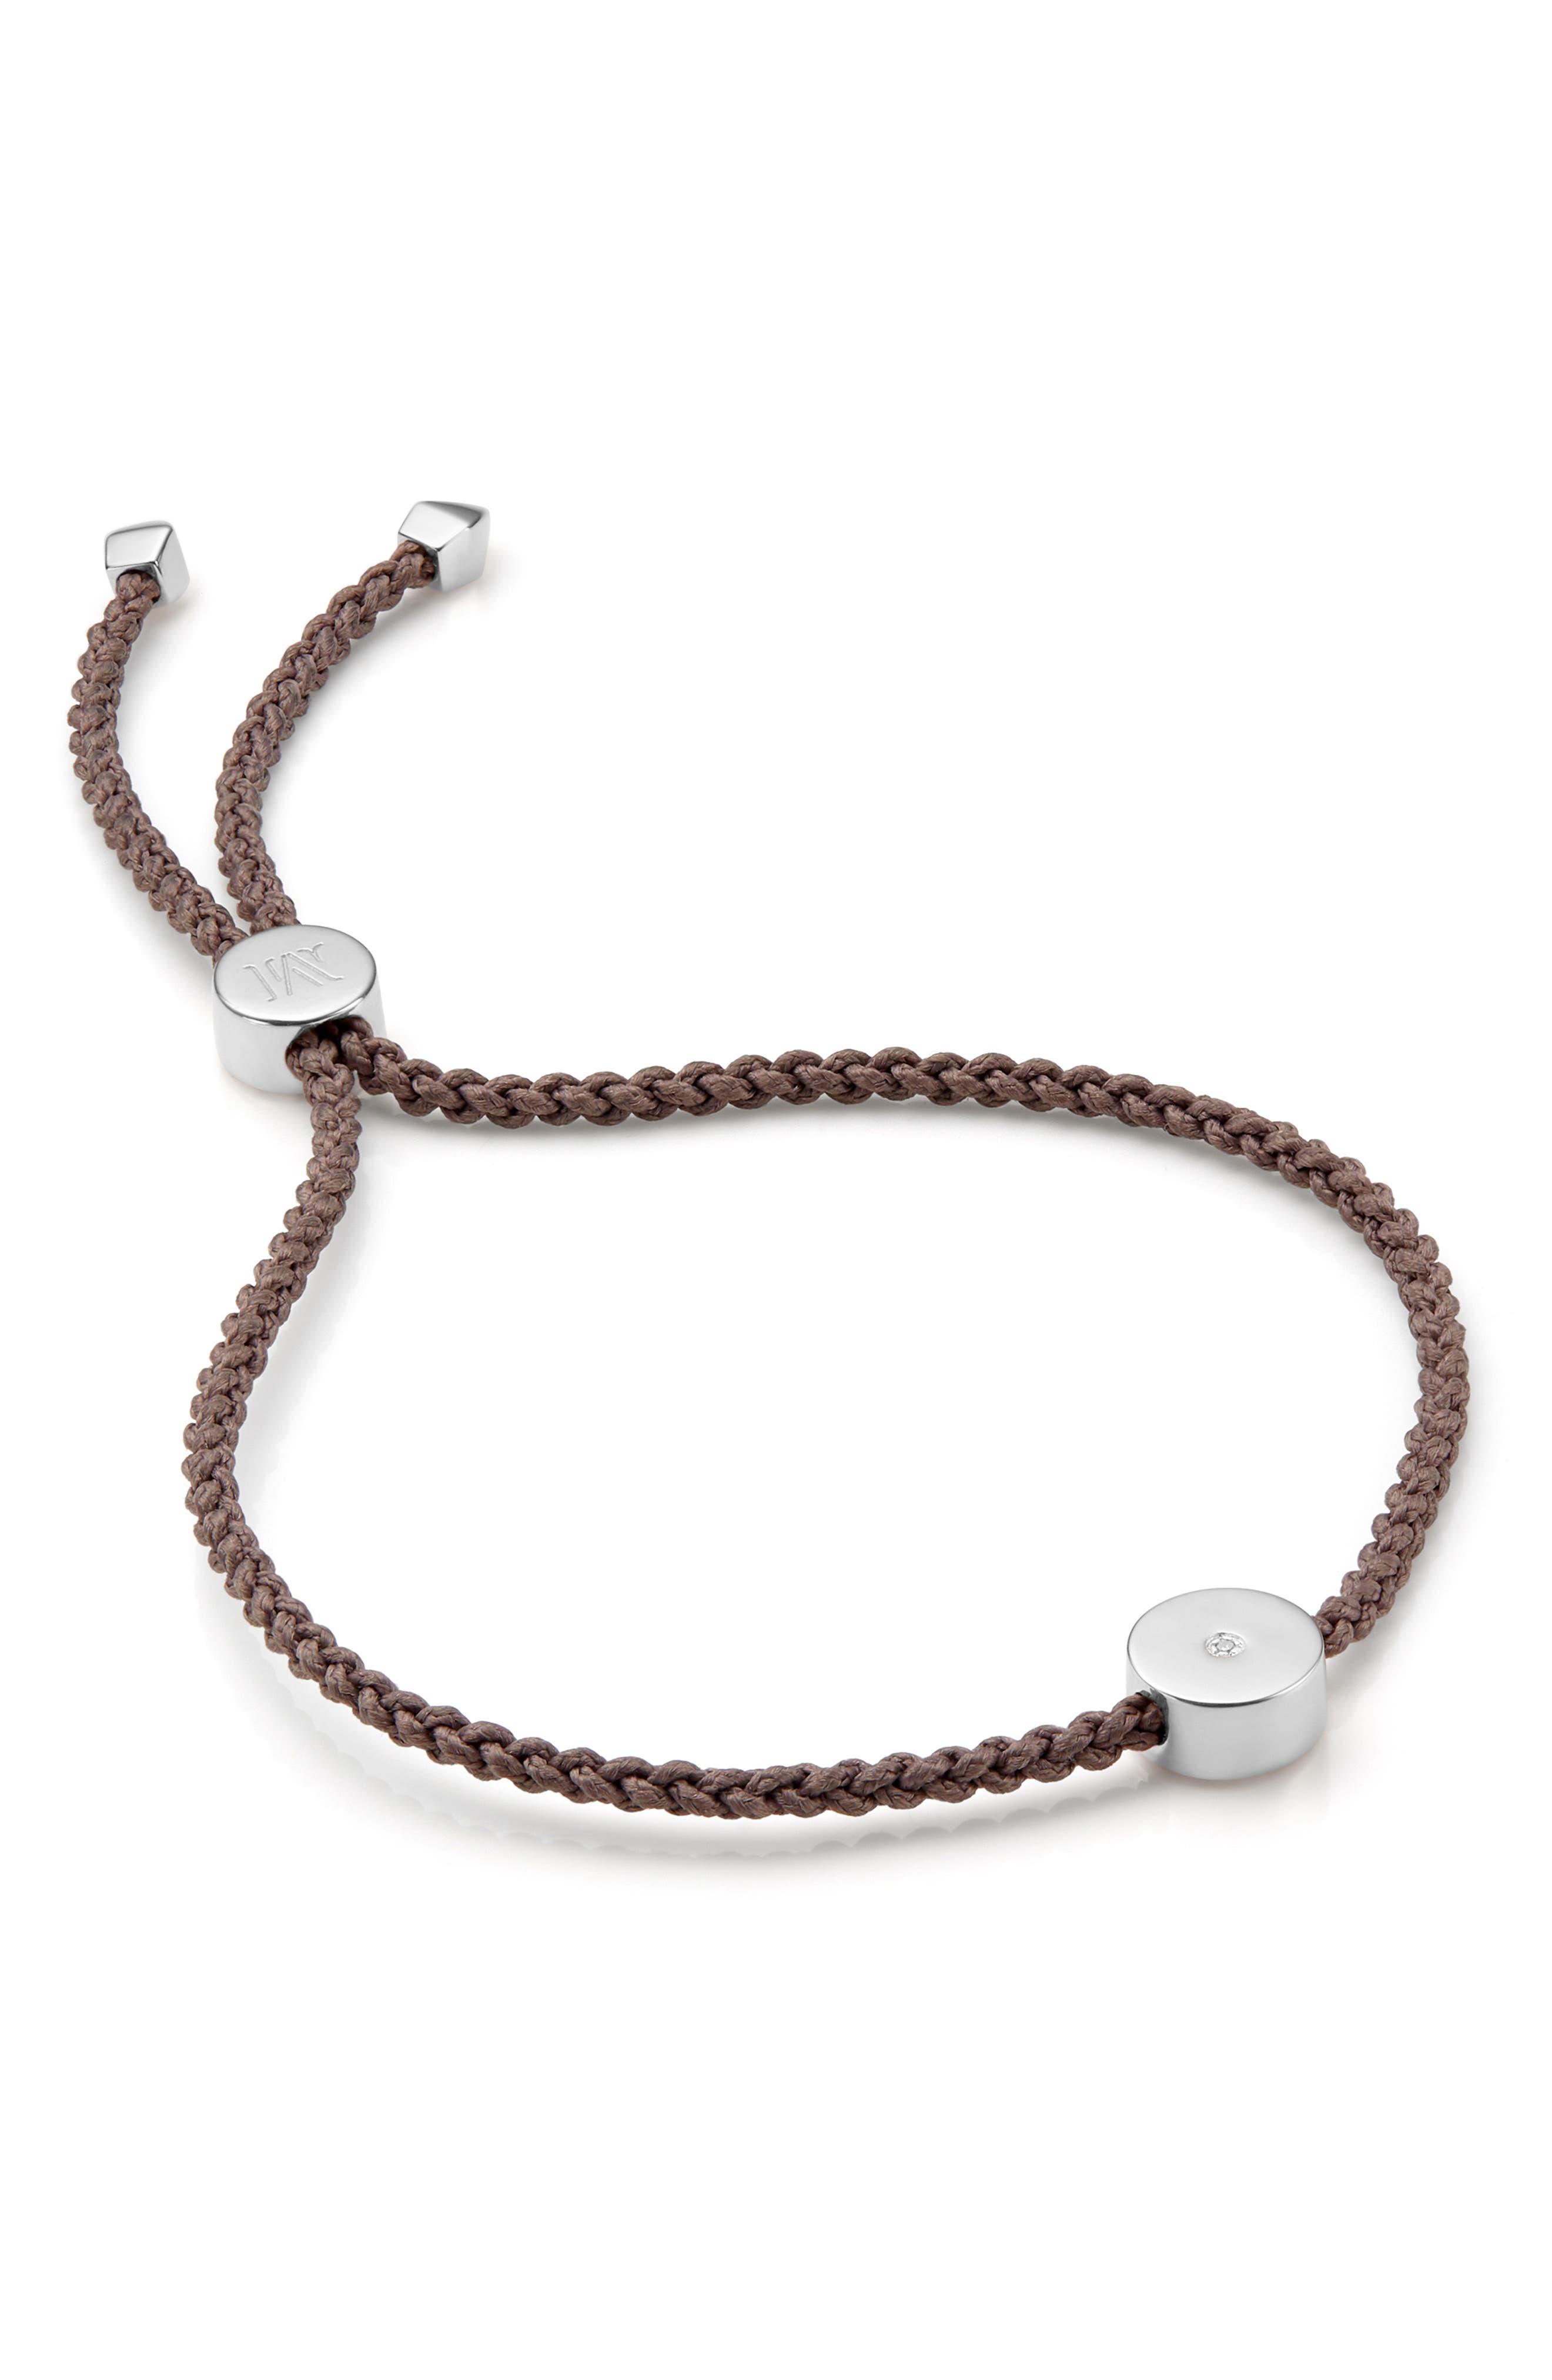 MONICA VINADER,                             Linear Solo Diamond Friendship Bracelet,                             Main thumbnail 1, color,                             SILVER/ MINK